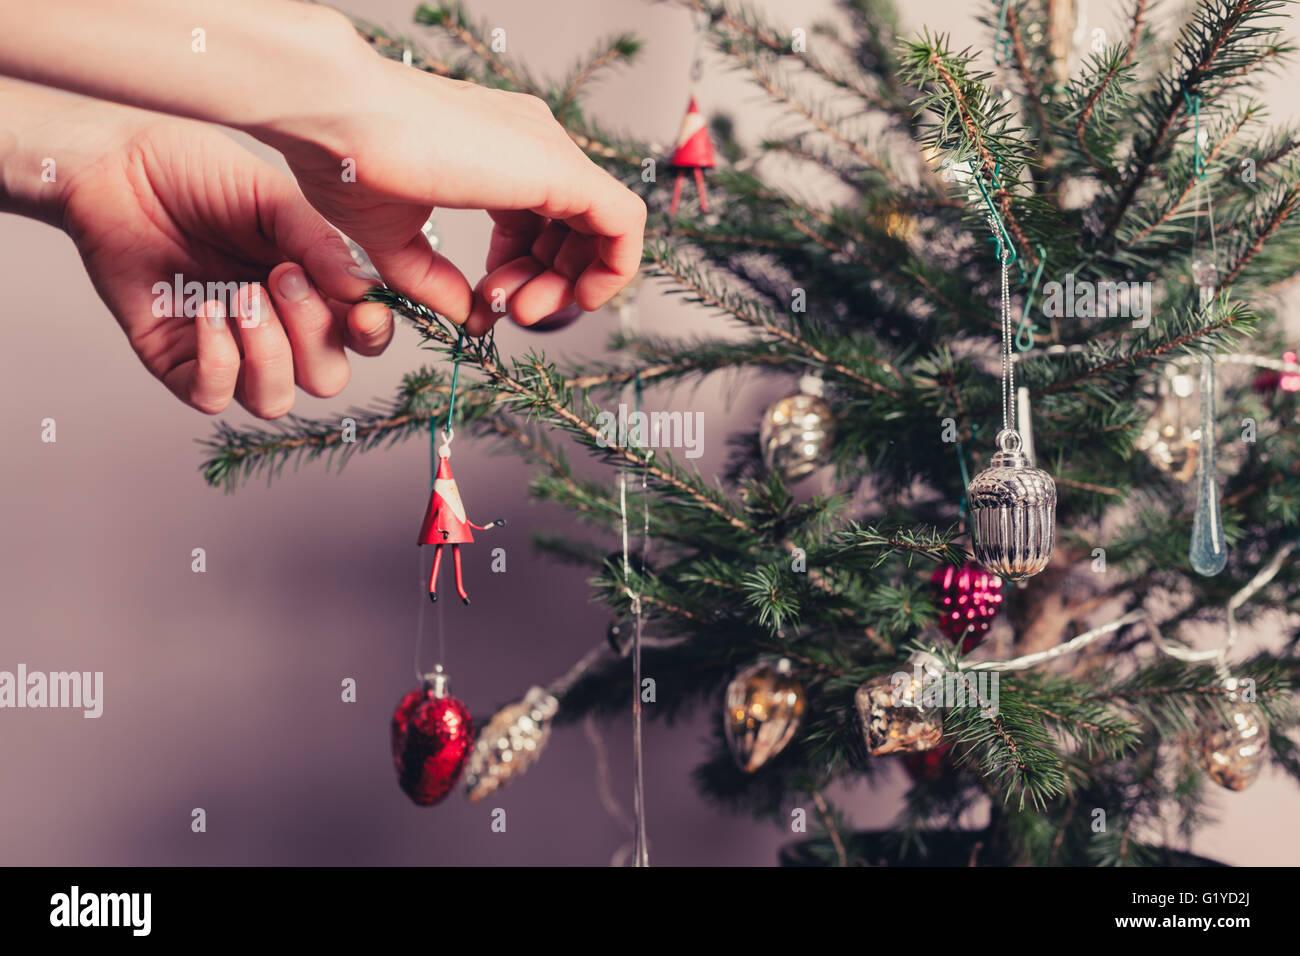 Mains décorer un arbre de Noël avec toutes sortes de choses colorées Photo Stock